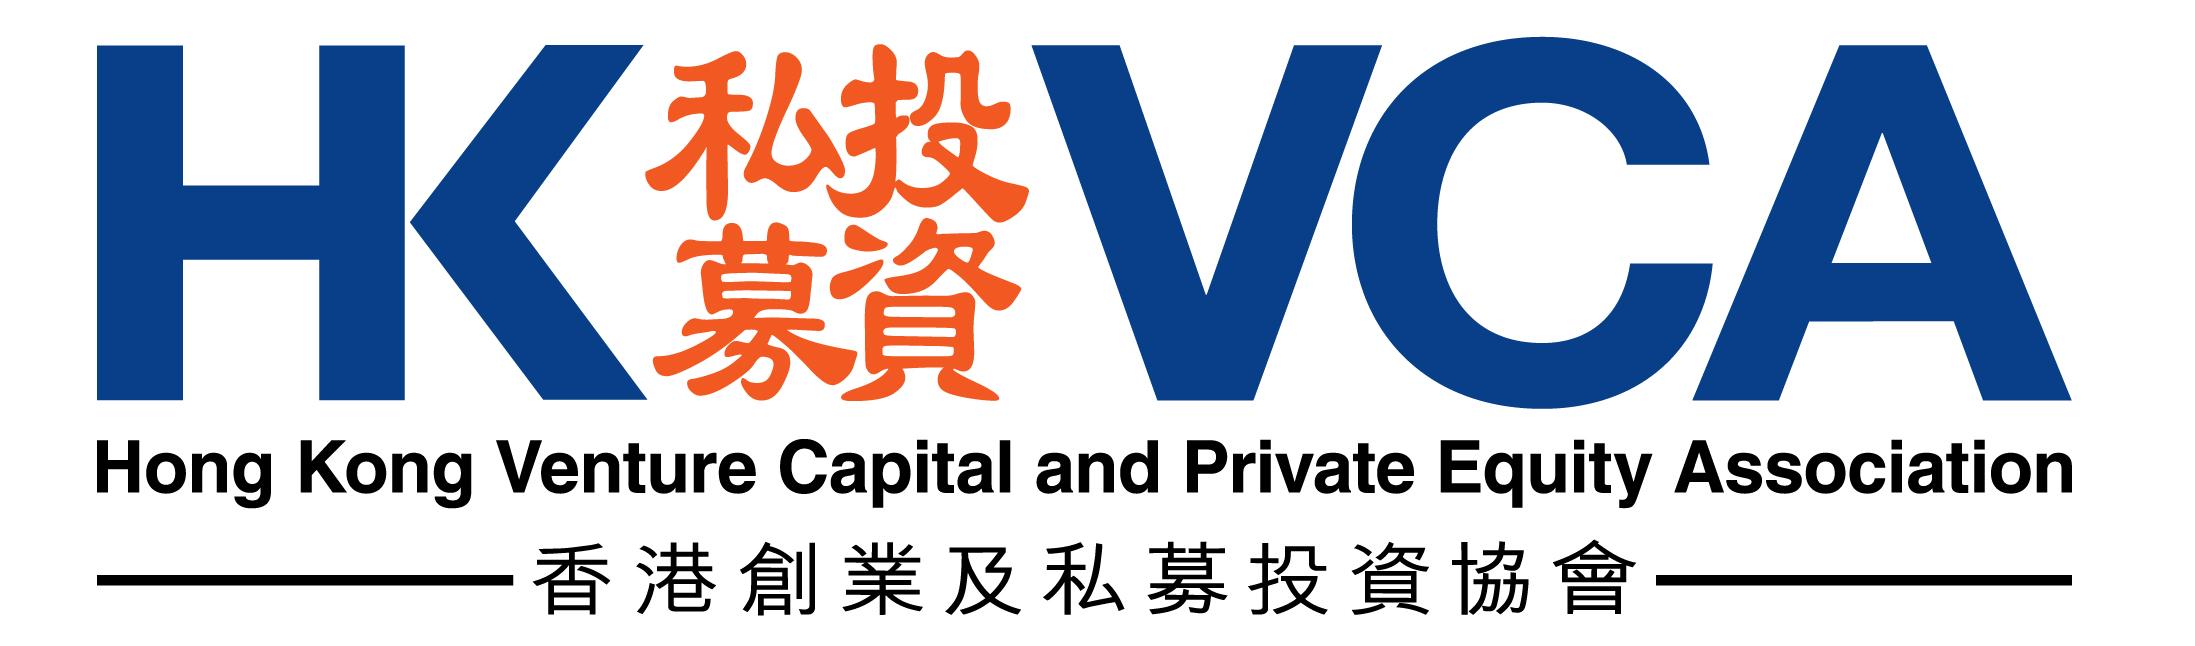 HKVCA New Logo (Full)